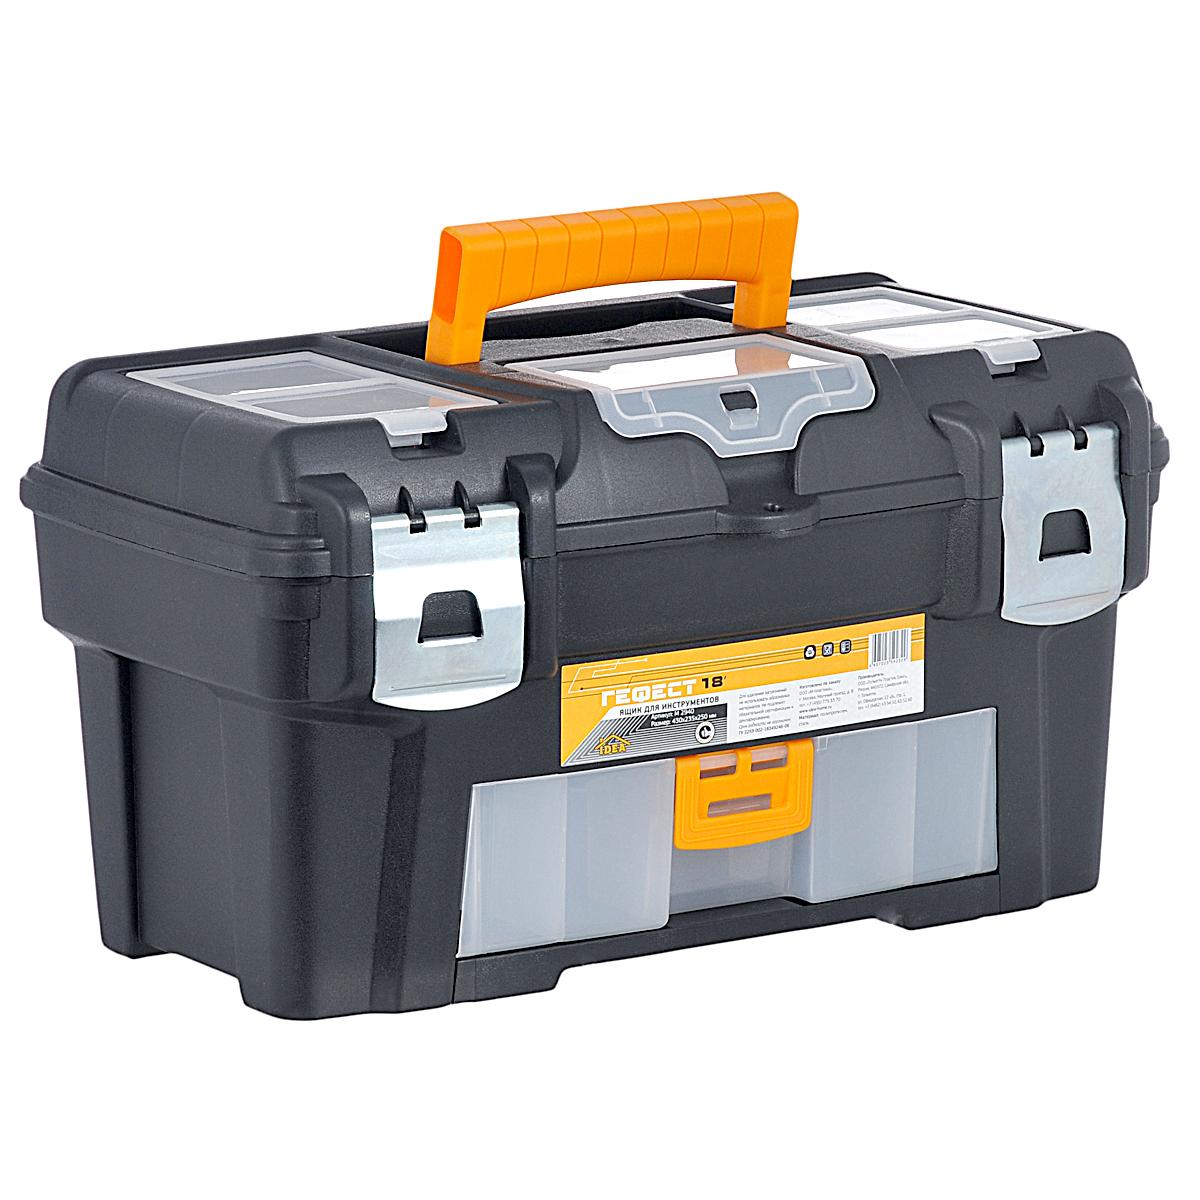 """Idea (М-пластика) Ящик для инструментов Idea """"Гефест 18"""", с органайзером, 43 см х 23,5 см х 25 см"""